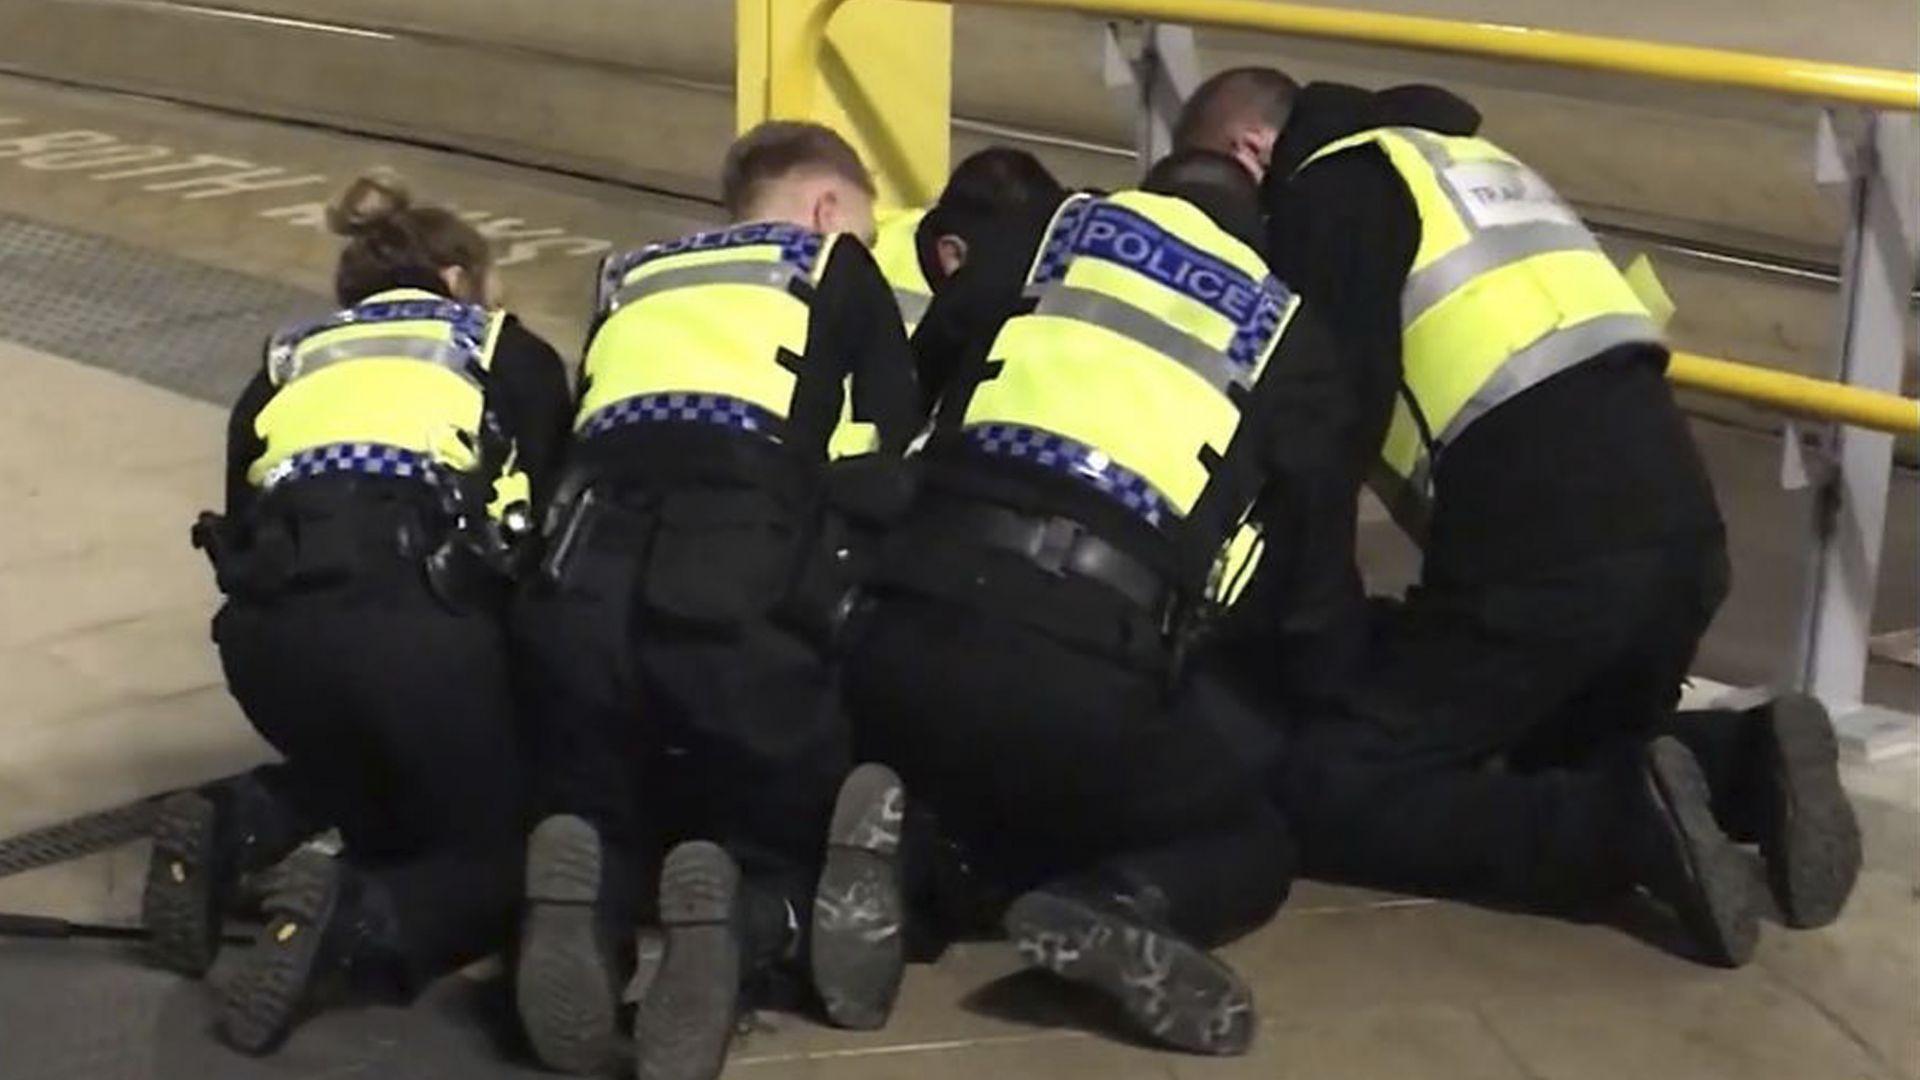 Терористичен акт с нож в Манчестър, мъж блъсна с кола 4-ма в германски град